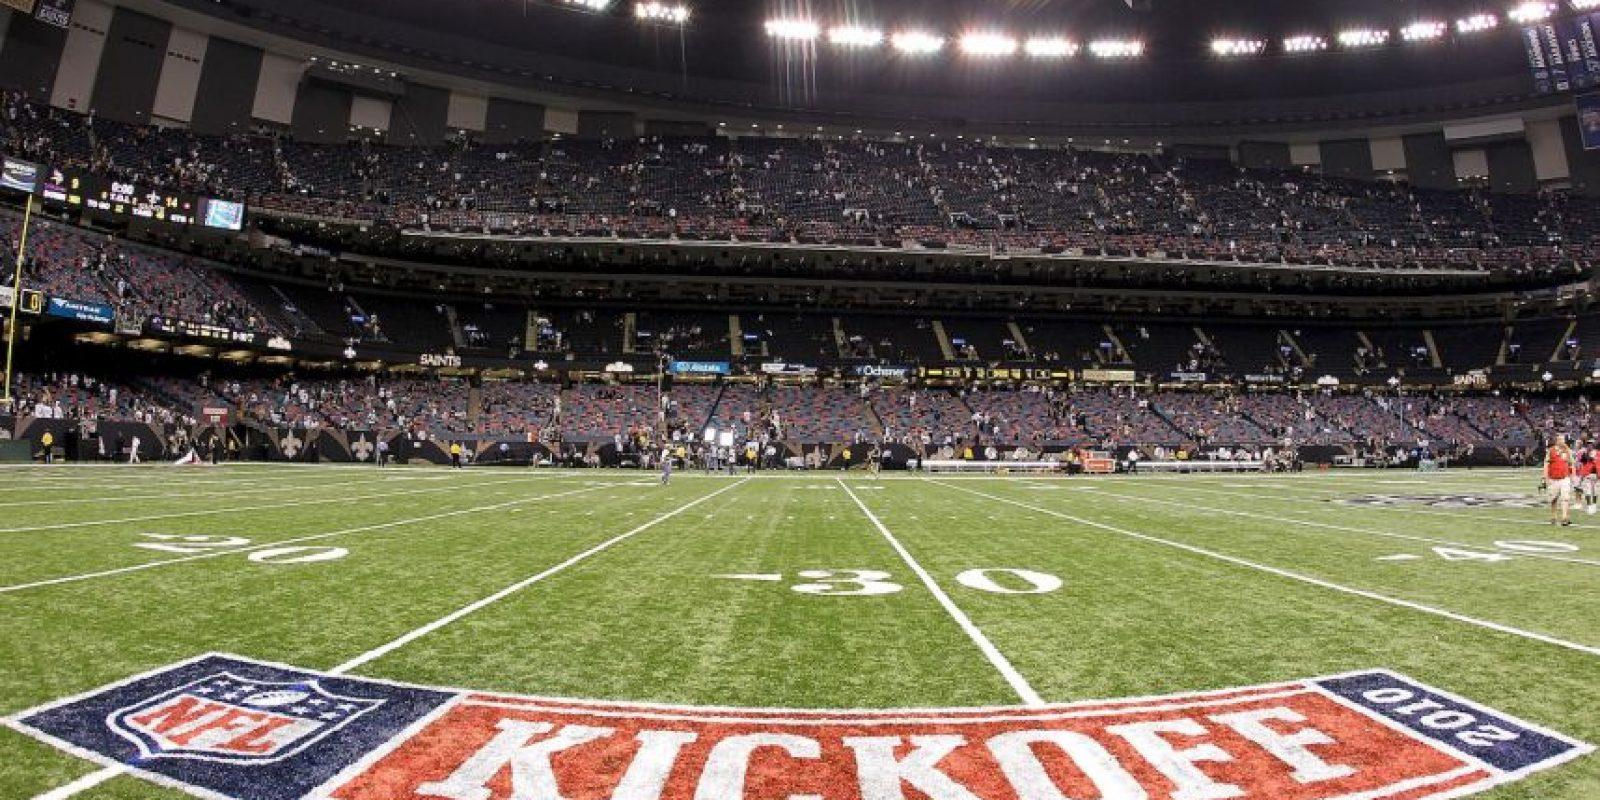 Arranca la temporada 2015 de la NFL con el partido entre Pittsburgh Steelers y New England Patriots. Foto:Getty Images